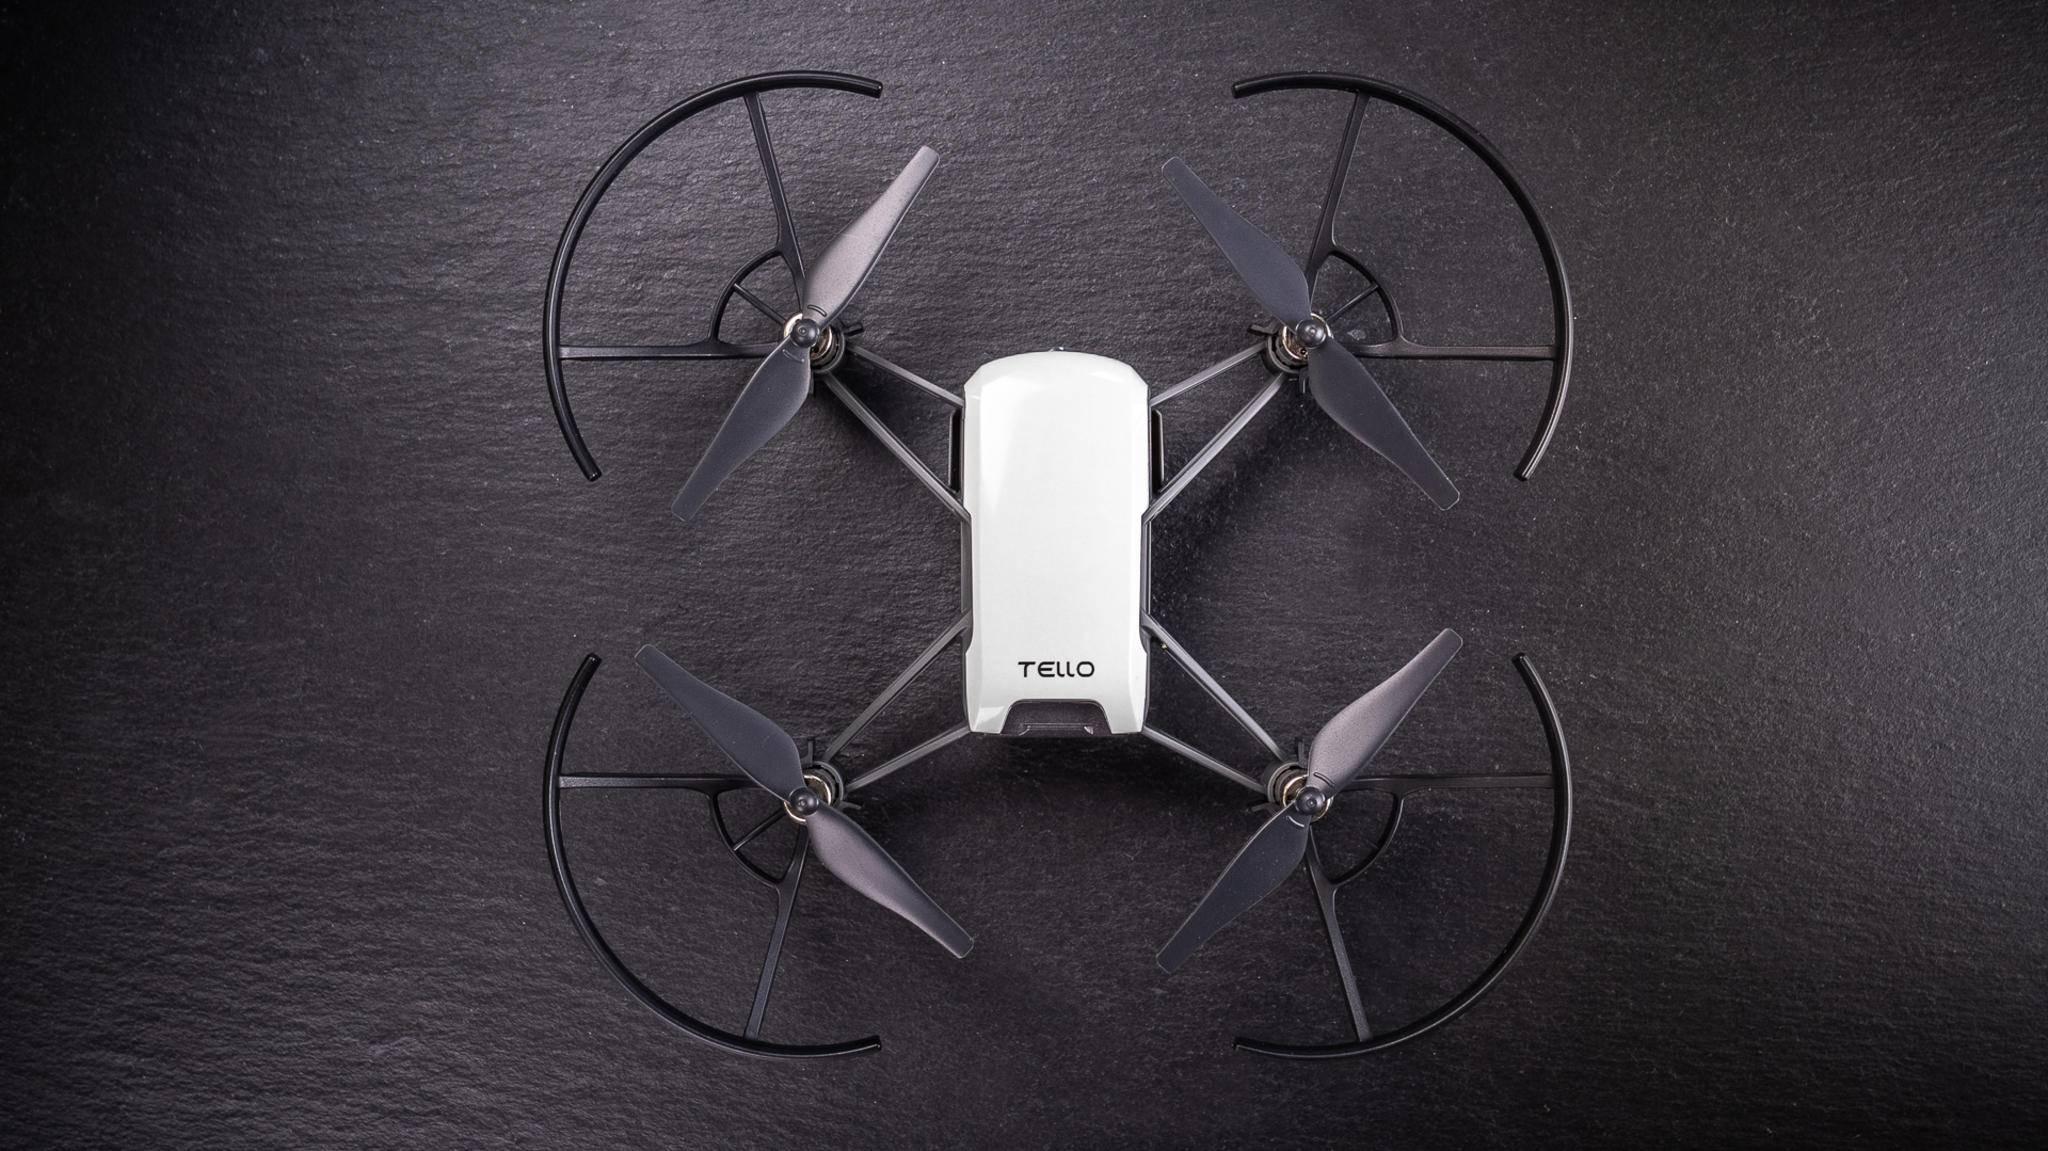 Ob klein oder groß, günstig oder teuer – es gibt viele empfehlenswerte Drohnen.